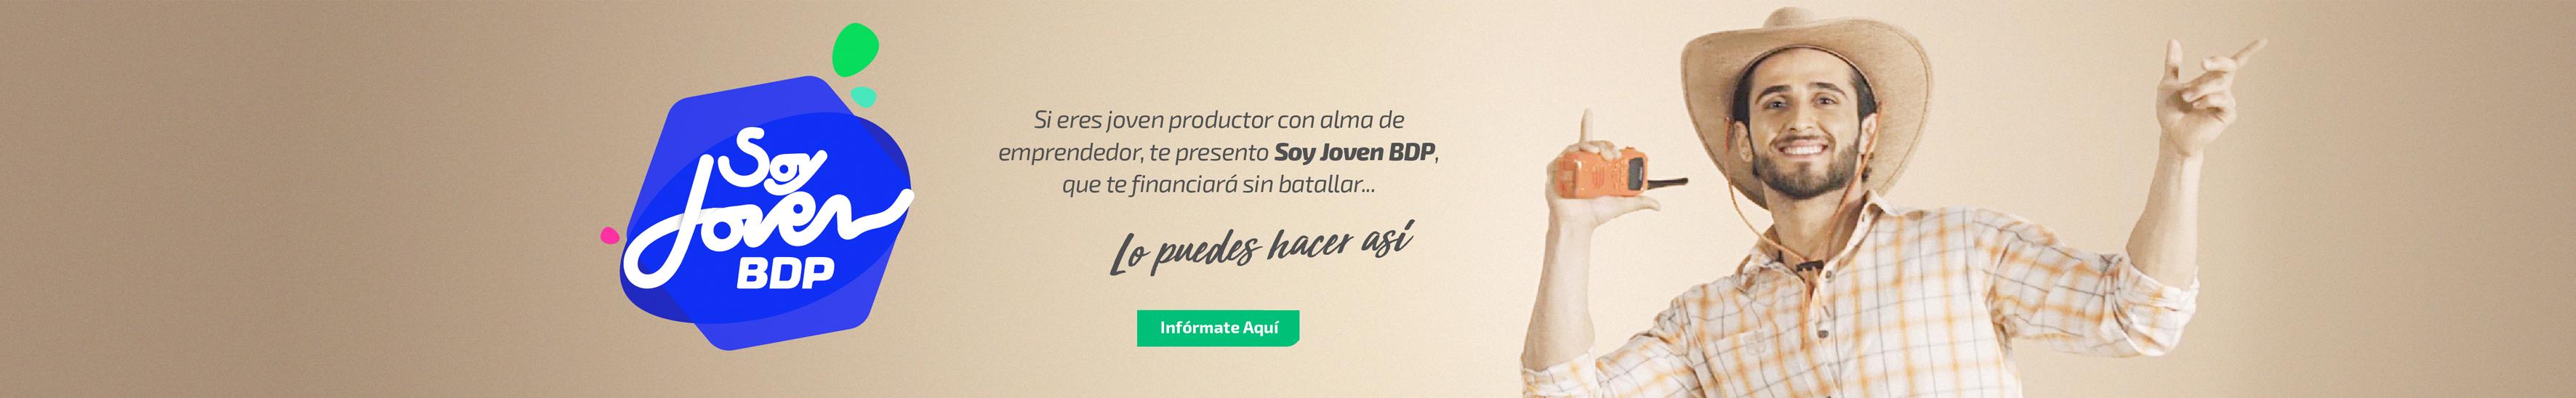 Soy Joven BDP